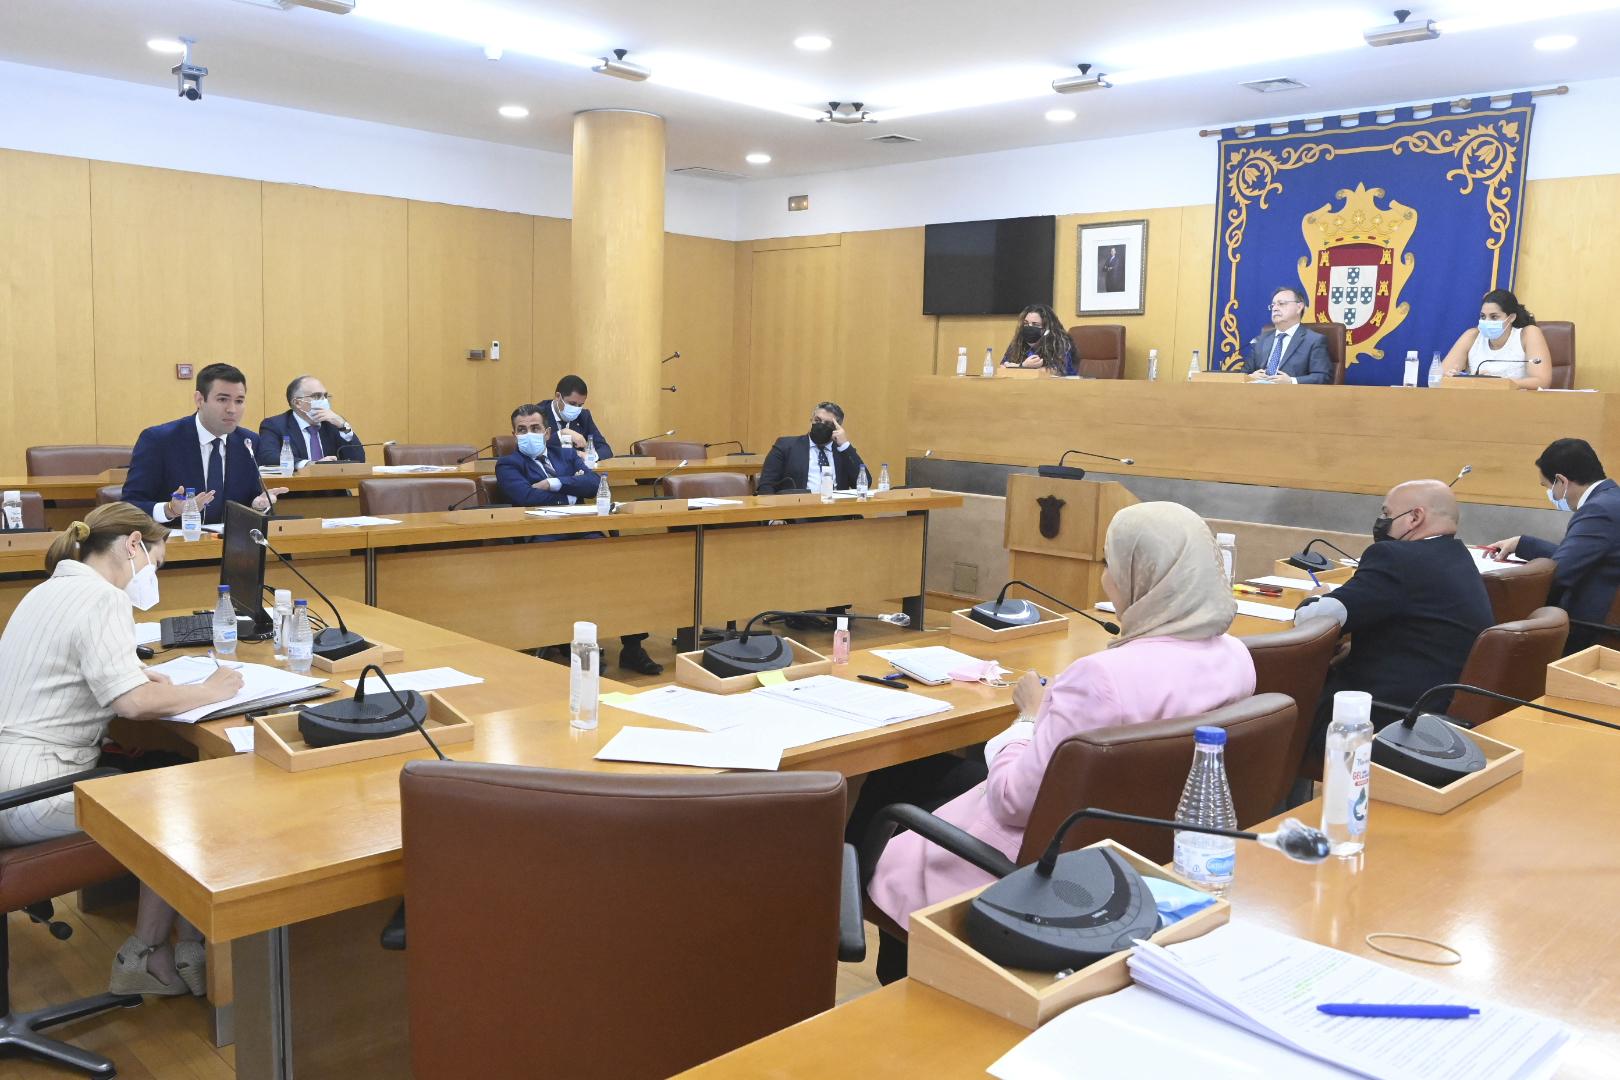 Image d'archive de la session plénière de l'Assemblée de Ceuta.